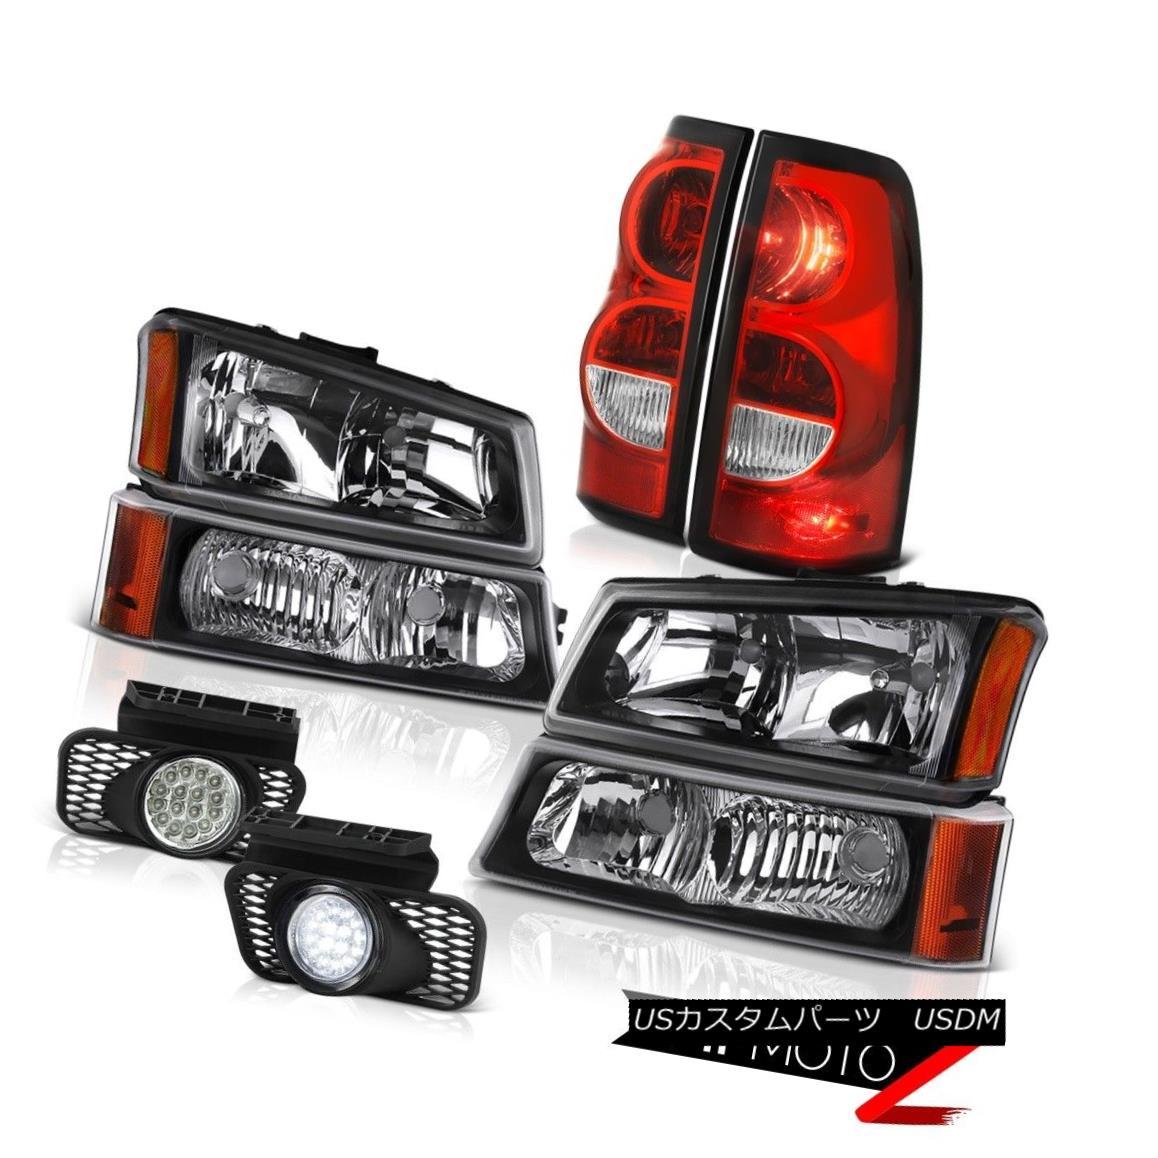 テールライト 03-06 Chevy Silverado 2500Hd Chrome Foglamps Wine Red Taillights Black Headlamps 03-06 Chevy Silverado 2500Hd Chrome Foglampsワインレッドテイルライトブラックヘッドランプ